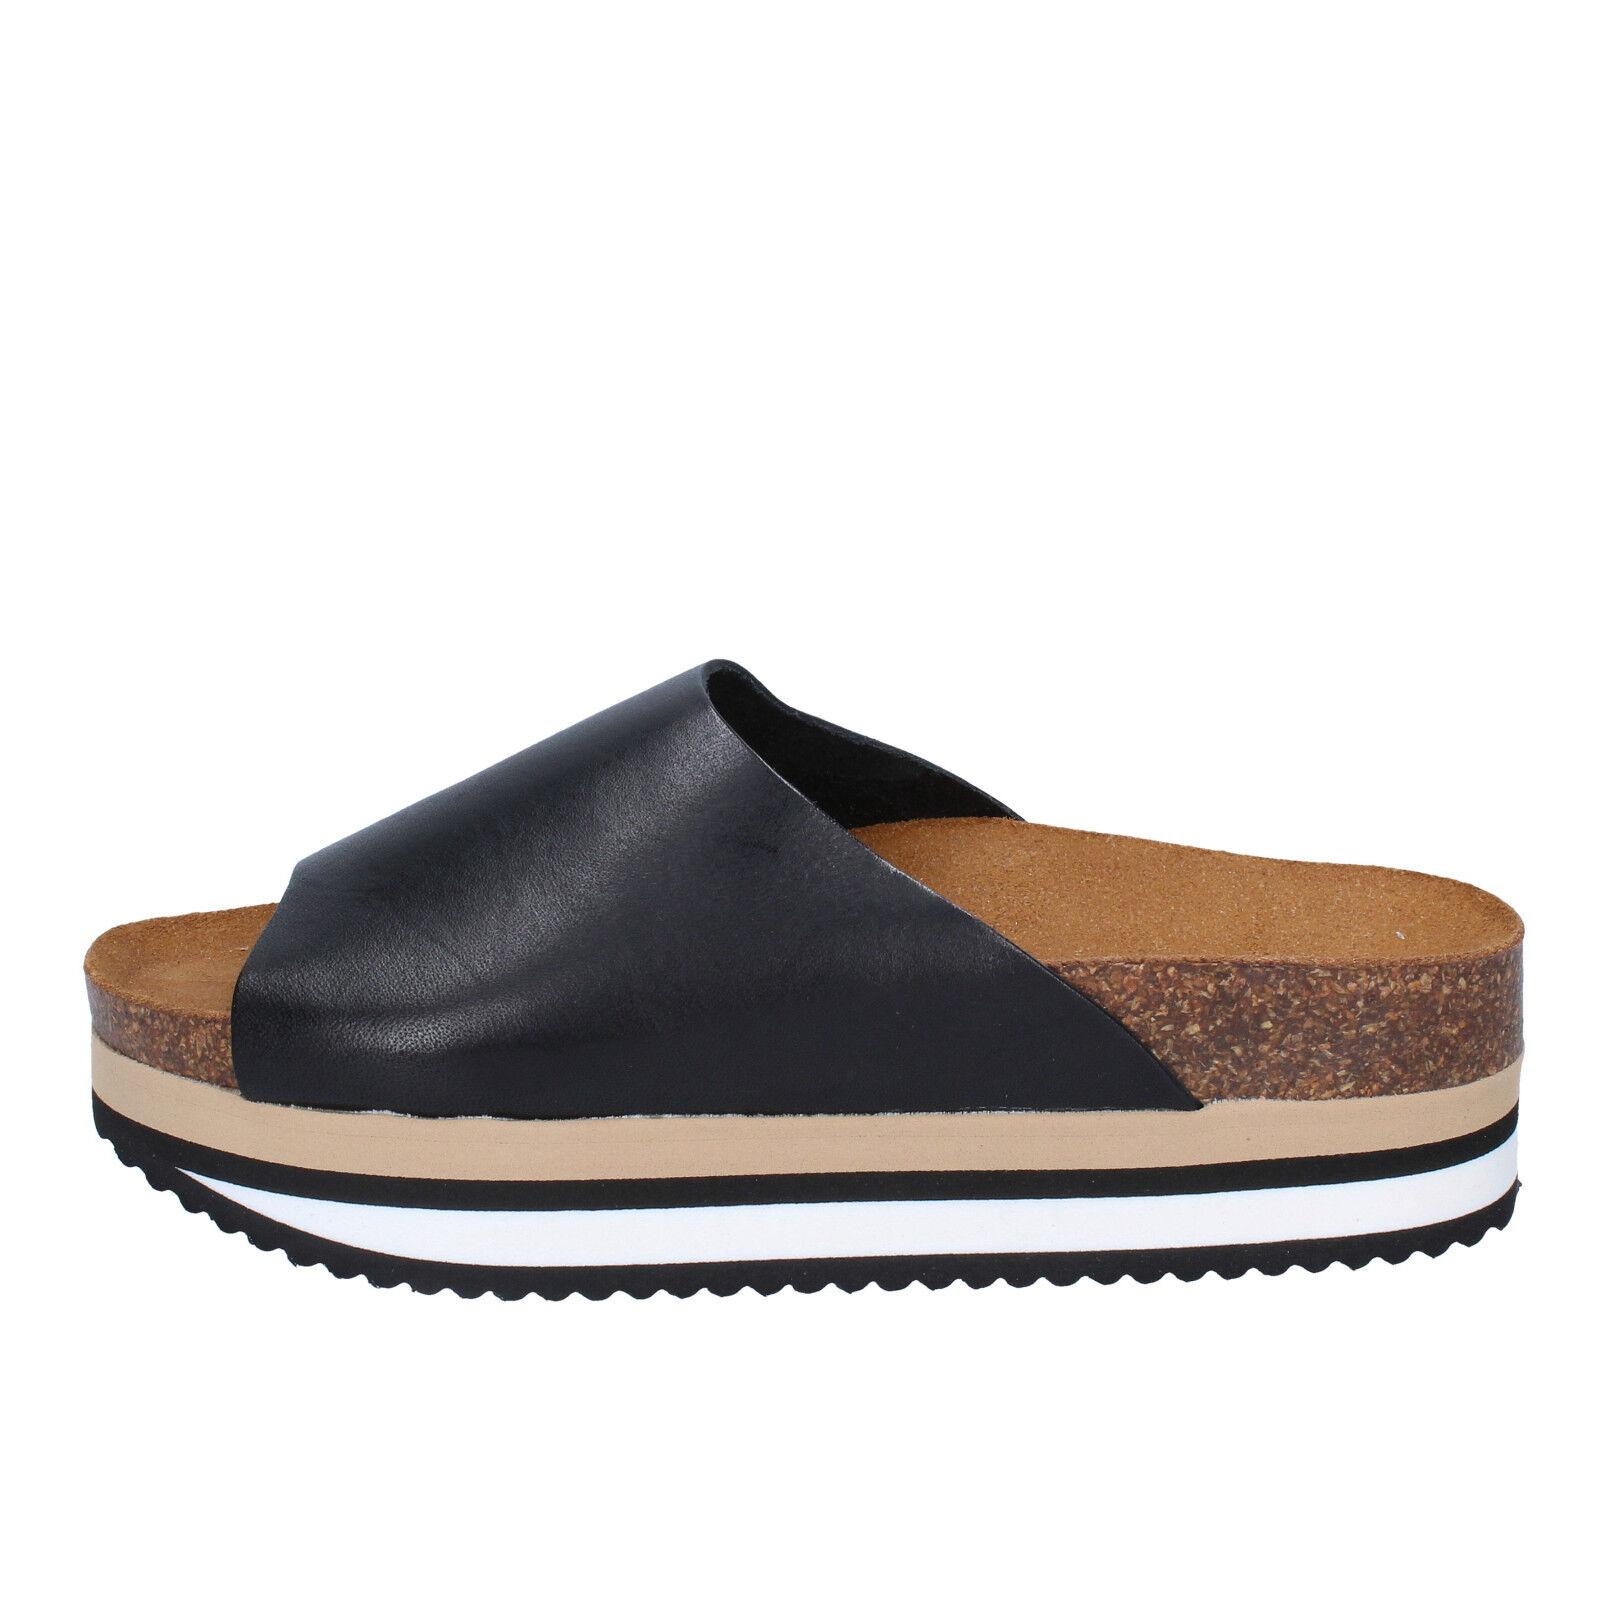 Womens shoes 5 pro ject 39 EU Sandals Black Leather ac603-d